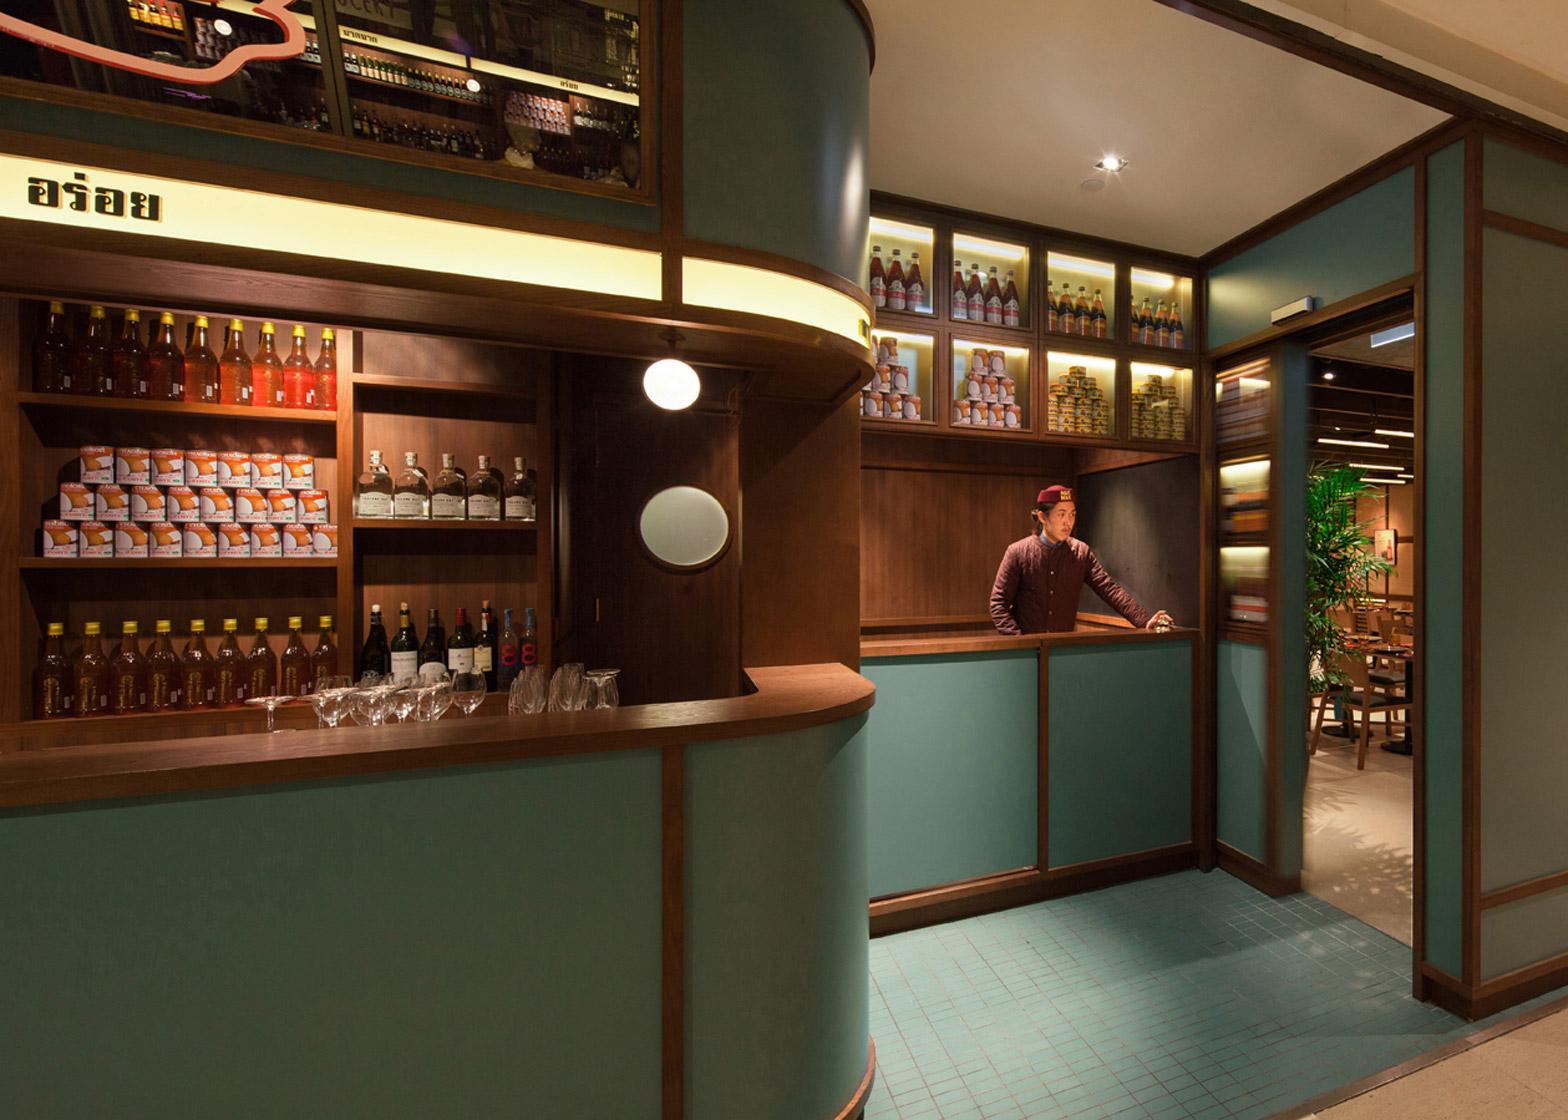 mak-mak-thai-restaurant-nc-design-architecture_dezeen_1568_1